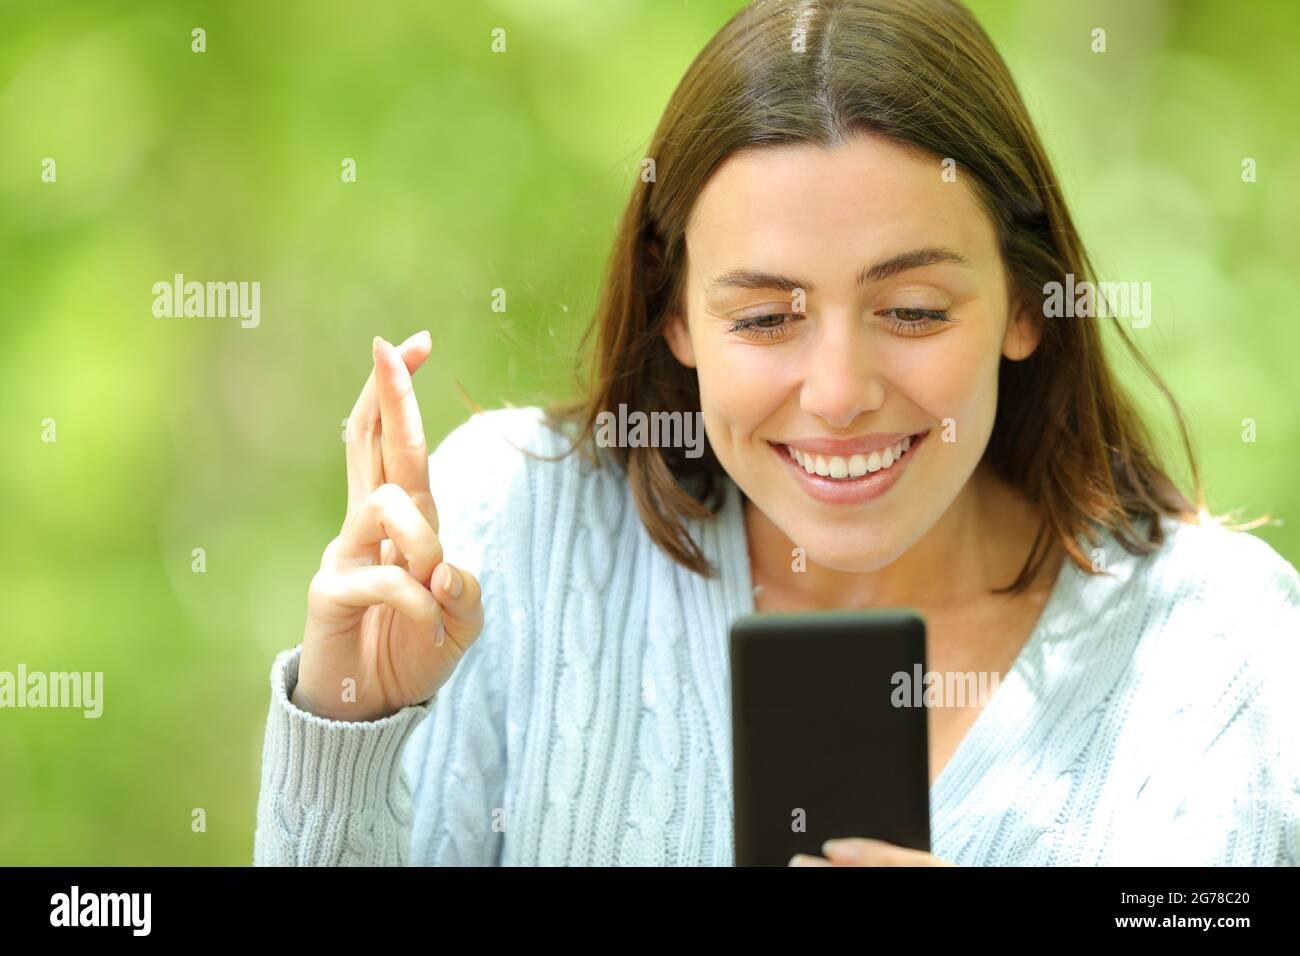 Une femme pleine d'espoir croisant ses doigts pour vérifier son smartphone dans un parc vert Banque D'Images